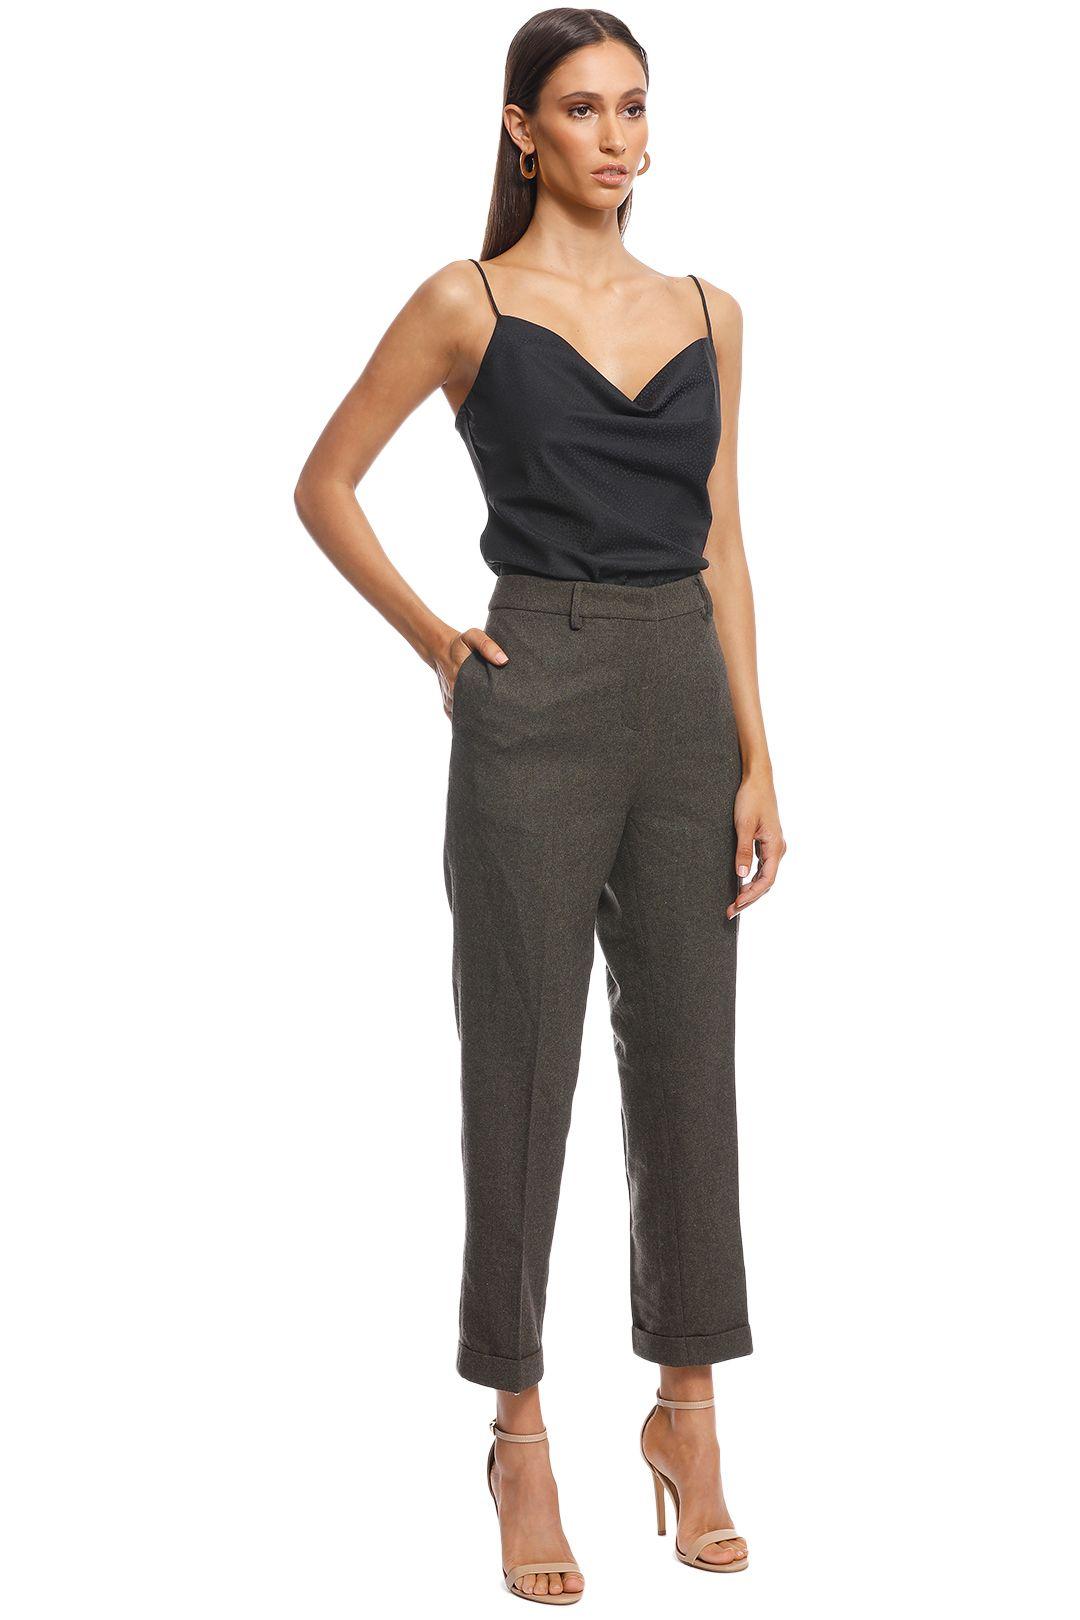 Friend of Audrey - Ellen Wool 7/8 Trousers - Khaki - Side